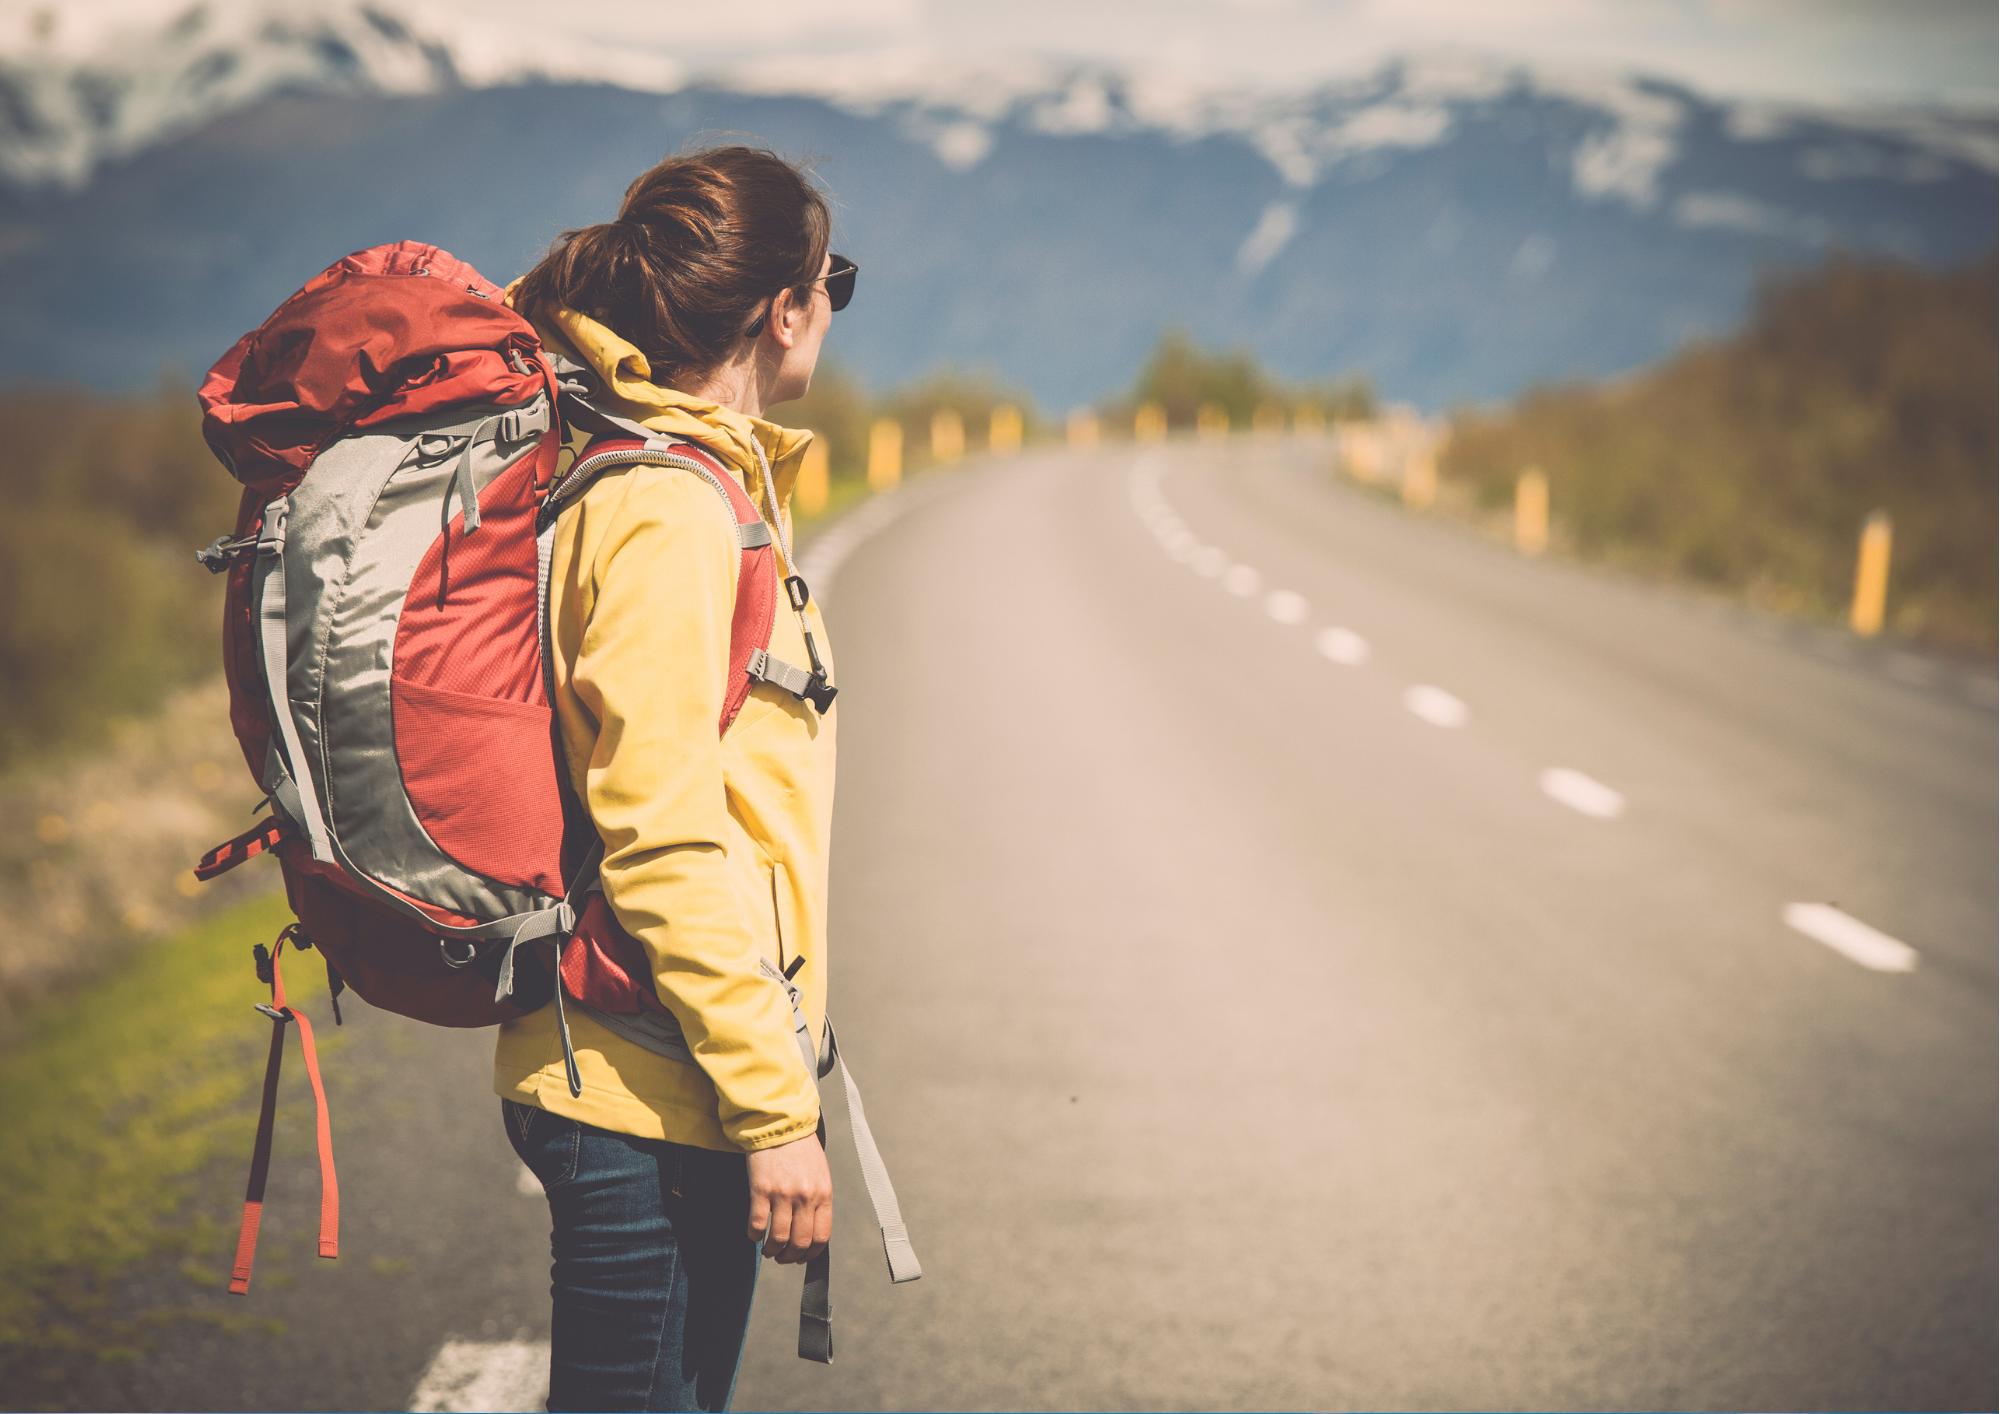 Kvindelig backpacker går alene på vej